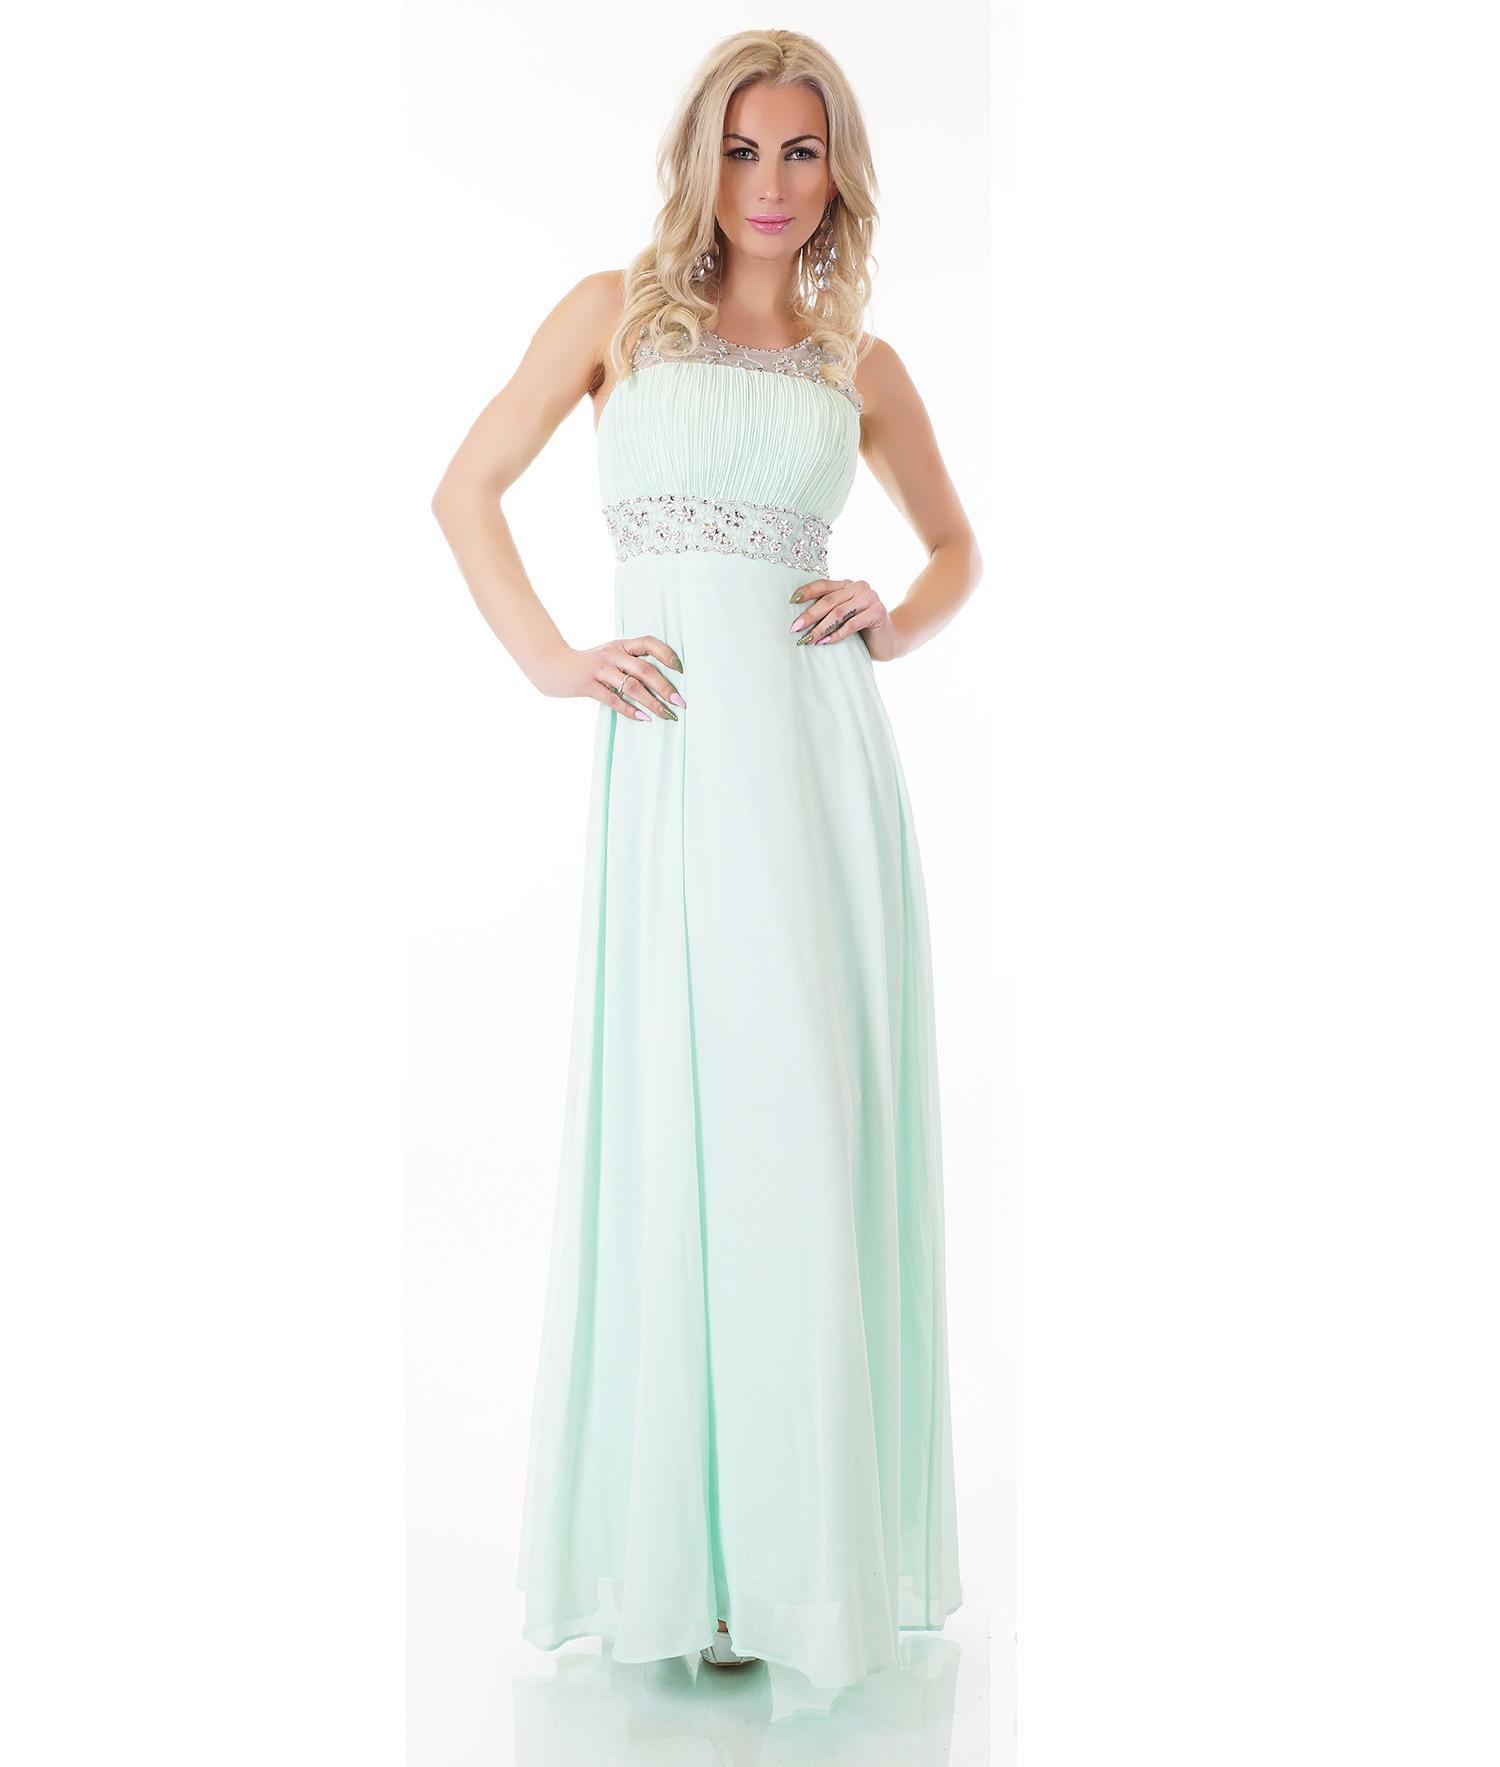 20 Schön Abend Kleid Online Kaufen Vertrieb20 Cool Abend Kleid Online Kaufen Bester Preis